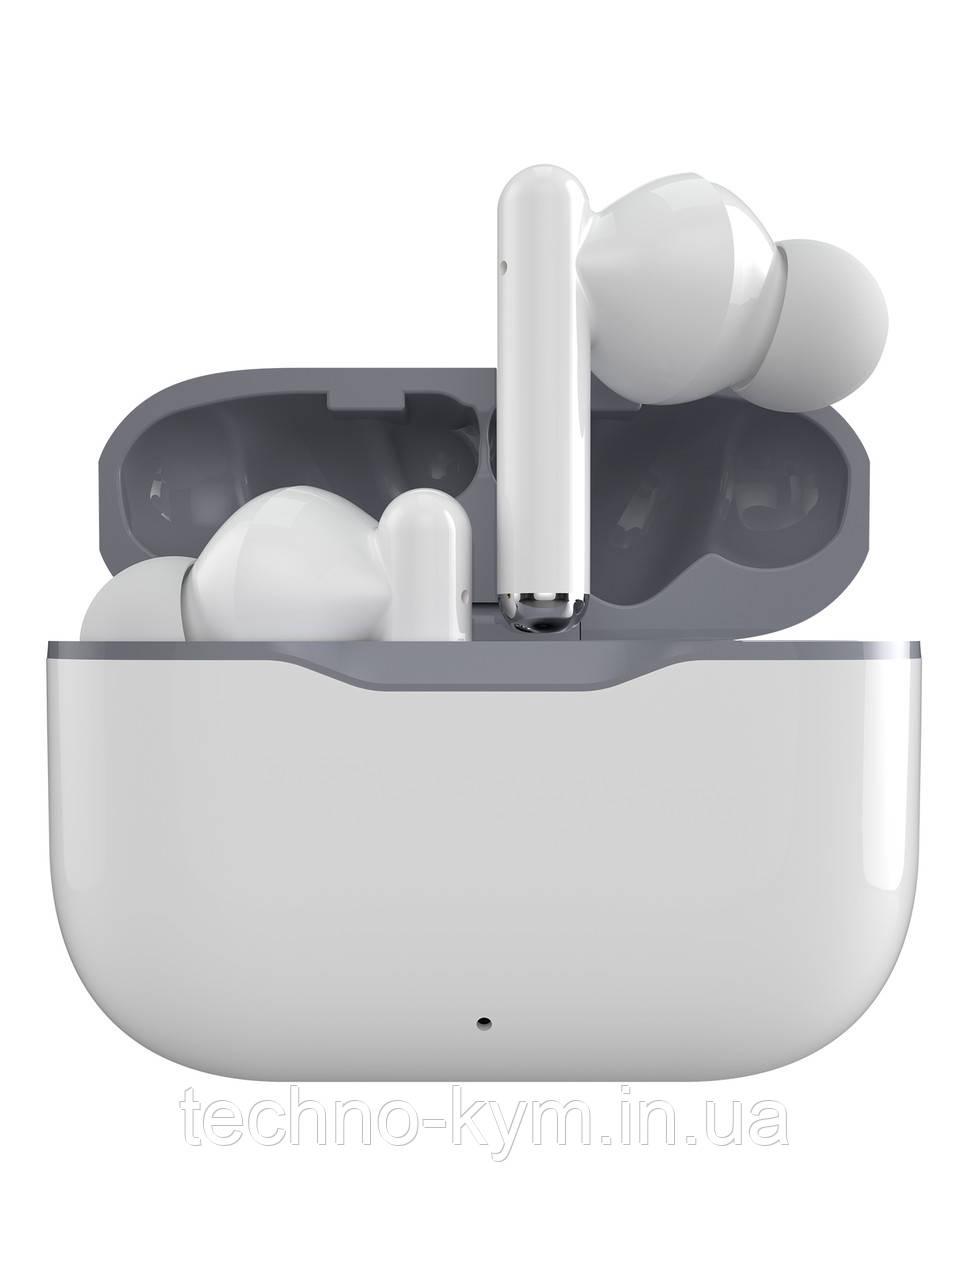 Навушники Bluetooth Ergo BS-710 Sticks Nano White UA UCRF Гарантія 12 місяців